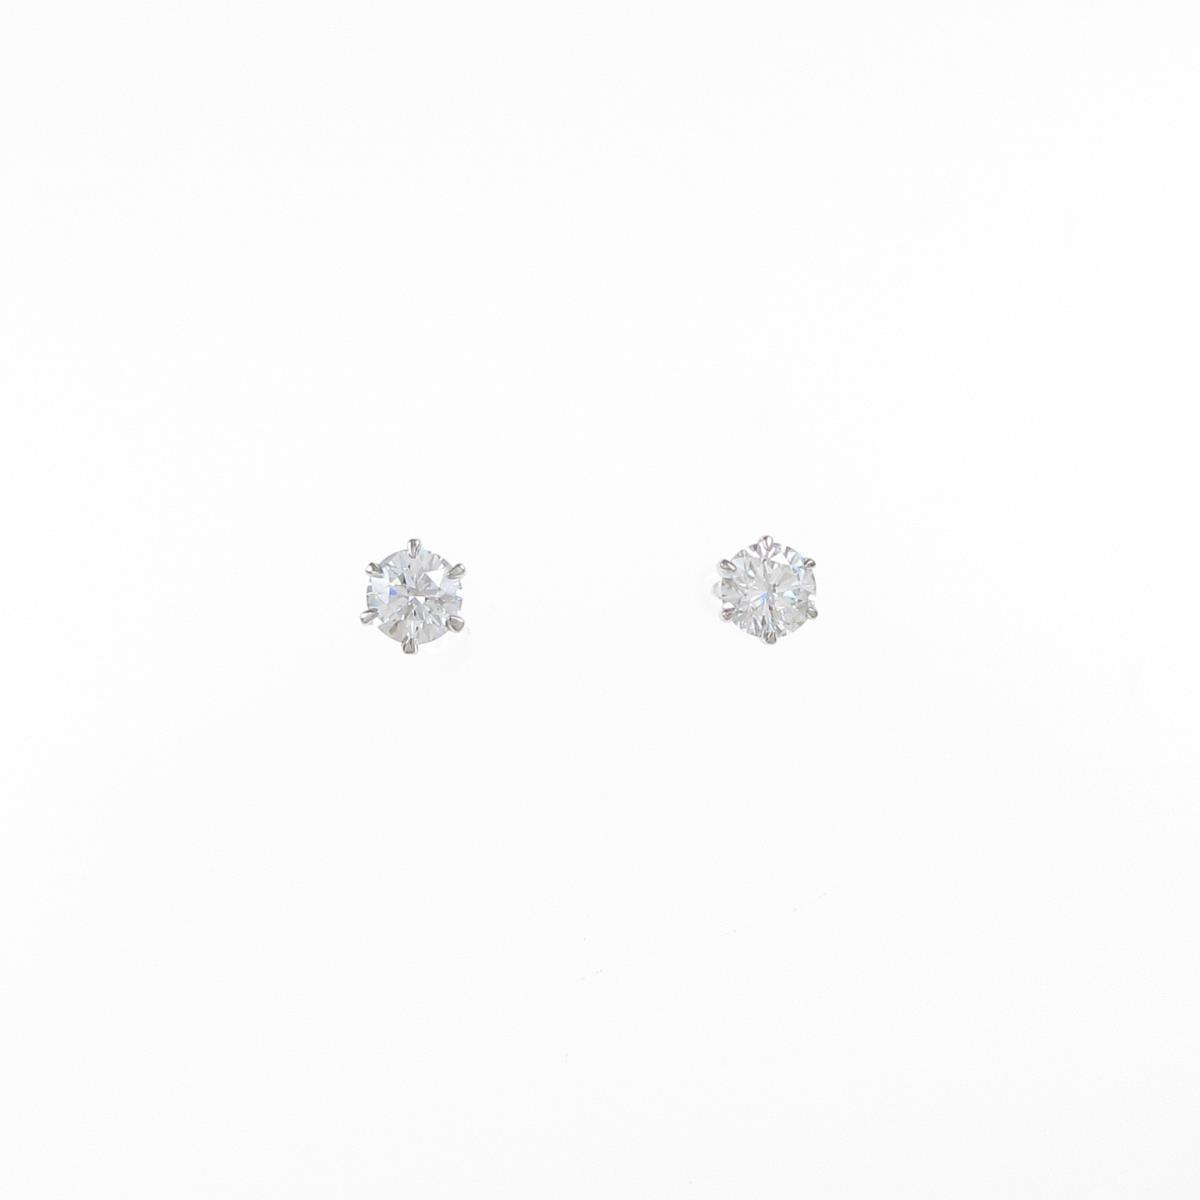 【リメイク】ST/プラチナダイヤモンドピアス 0.206ct・0.215ct・F・VVS1-2・VG【中古】